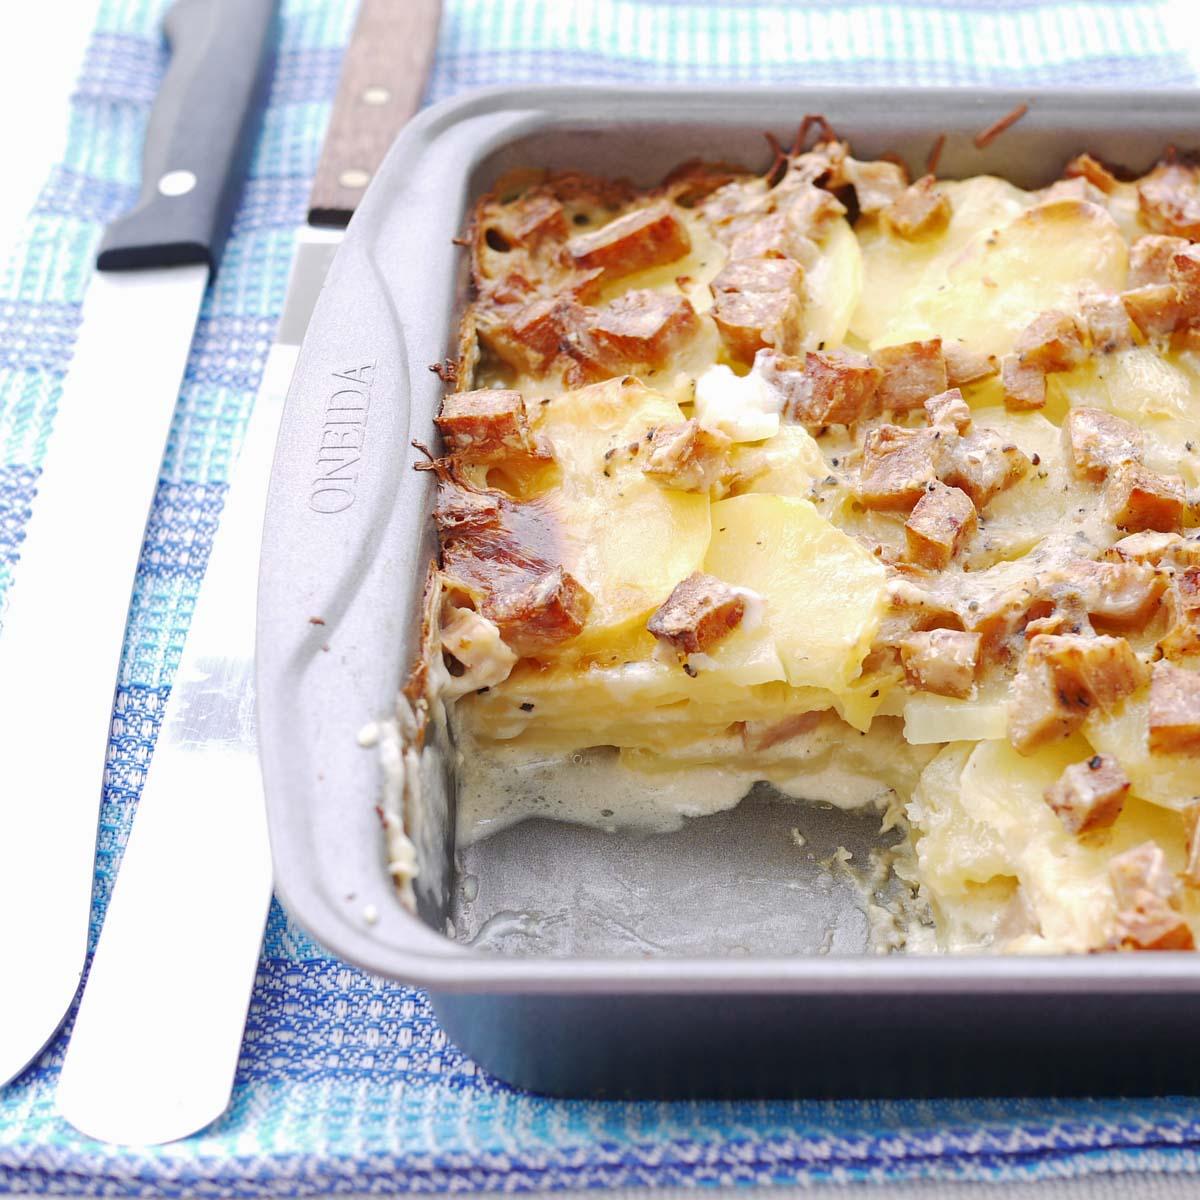 potatoes pumpk i n scalloped potatoes scalloped potatoes w i th leeks ...